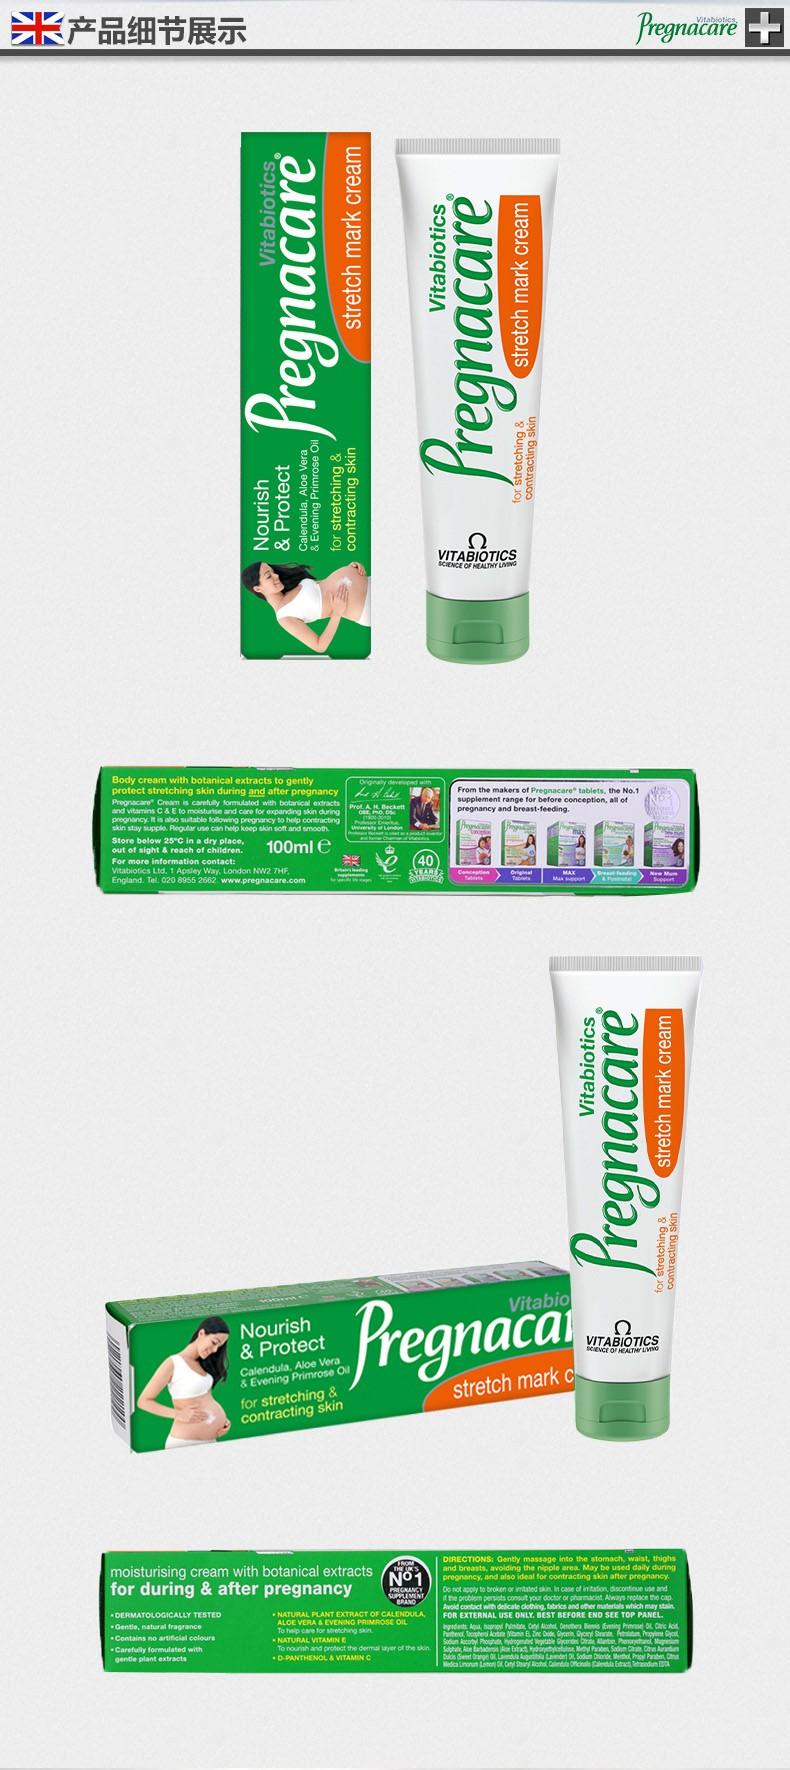 进口vitabiotics pregnacare孕妇专用孕中产后妊娠纹护肤霜 100ml 产品系列 第9张